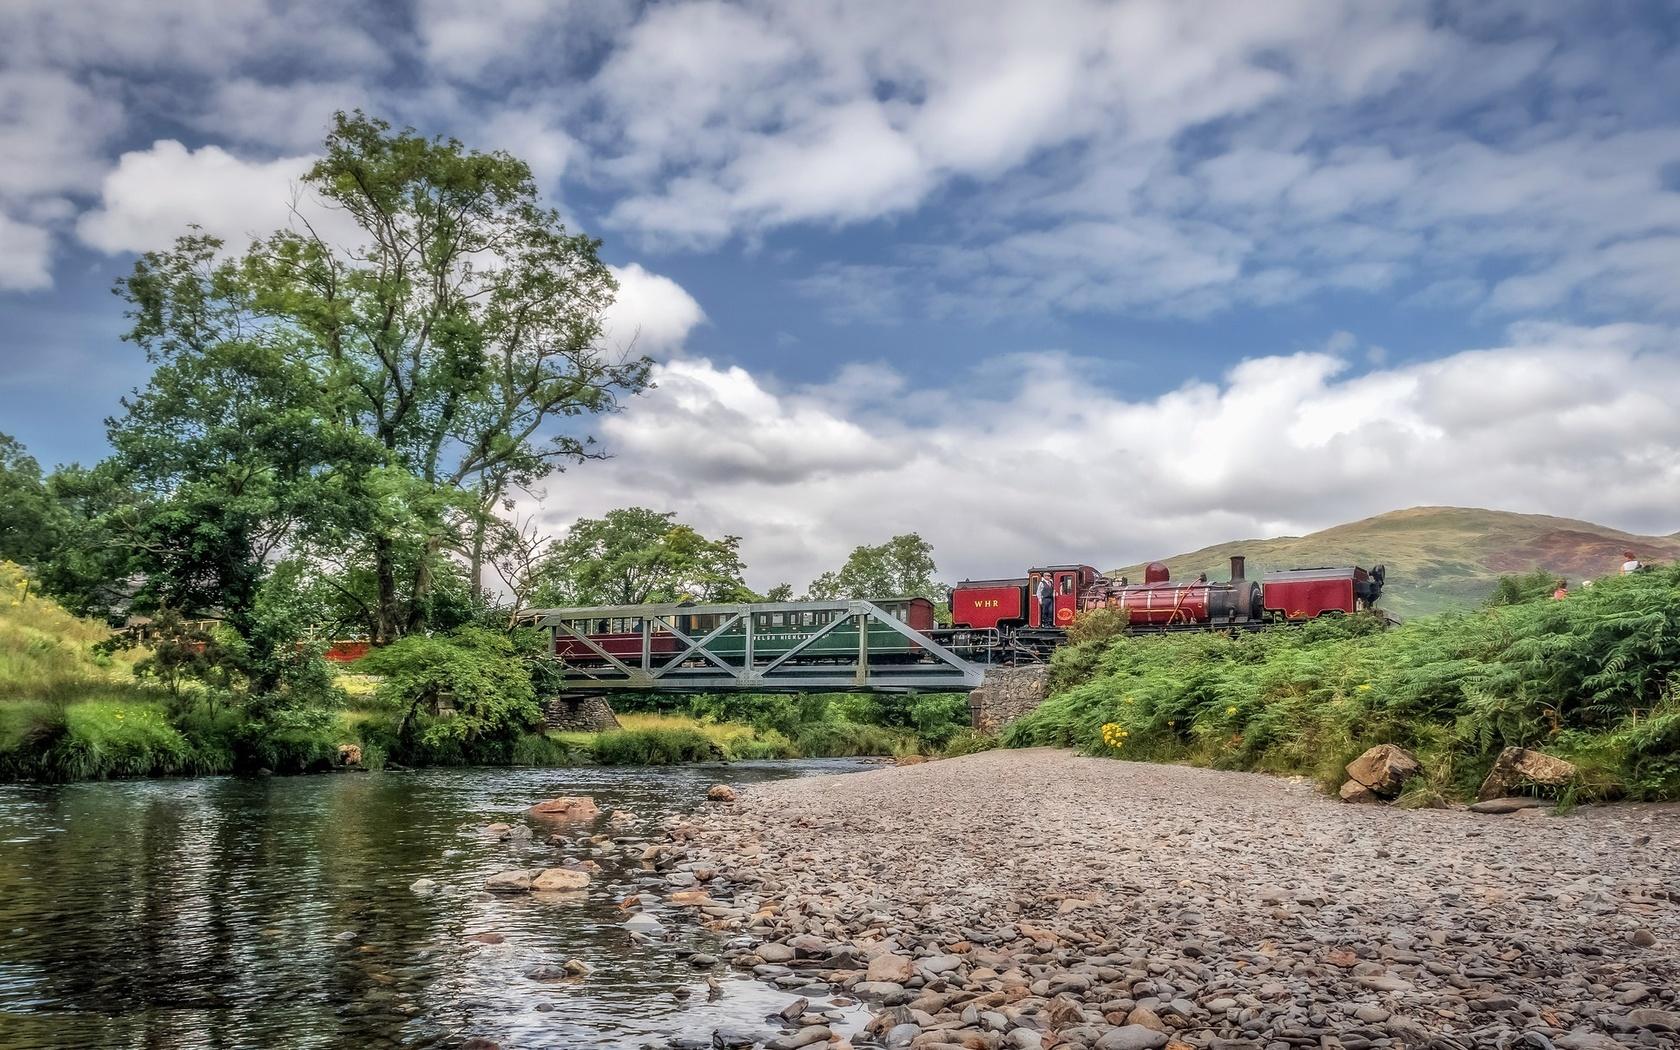 река, мост, поезд